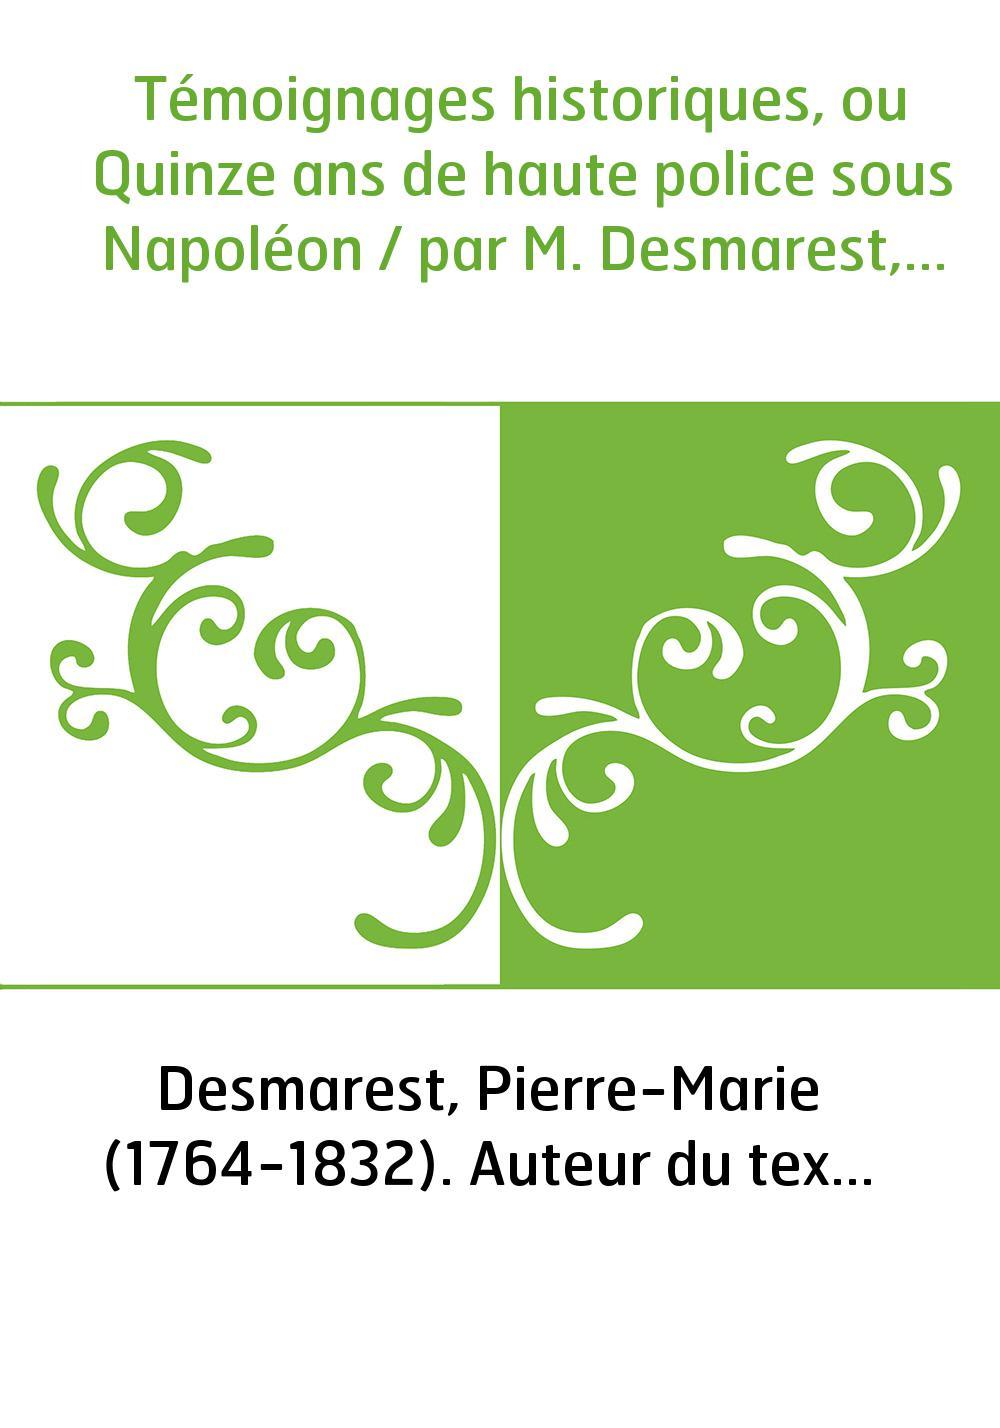 Témoignages historiques, ou Quinze ans de haute police sous Napoléon / par M. Desmarest,...